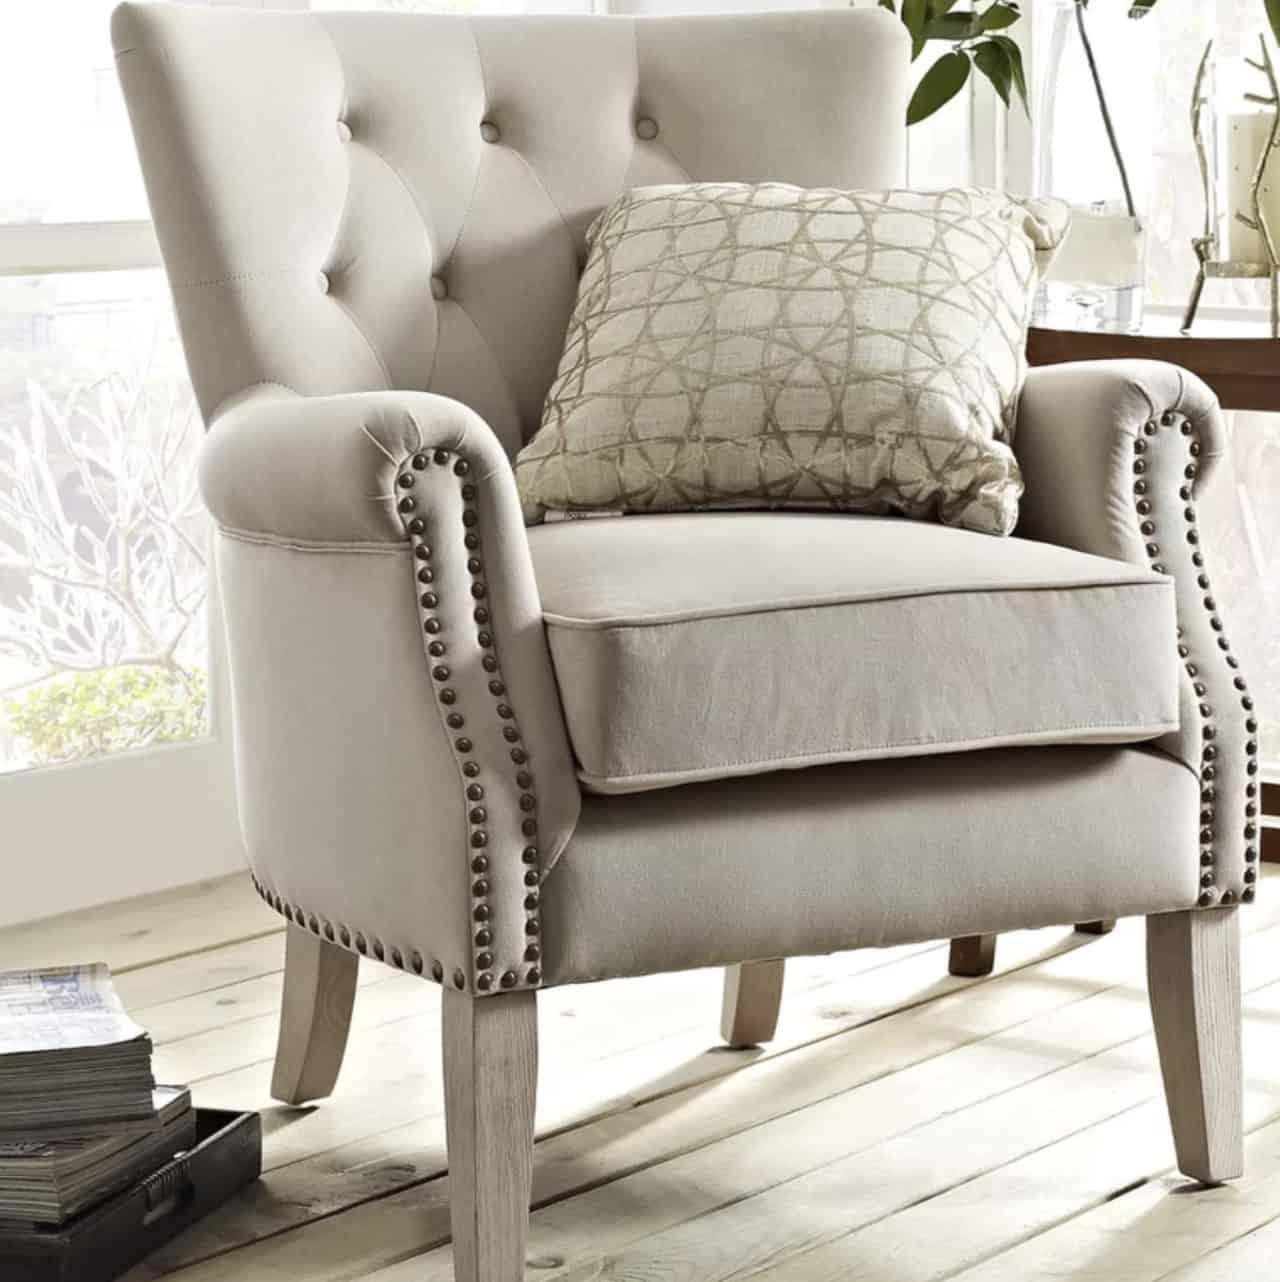 Odom armchair